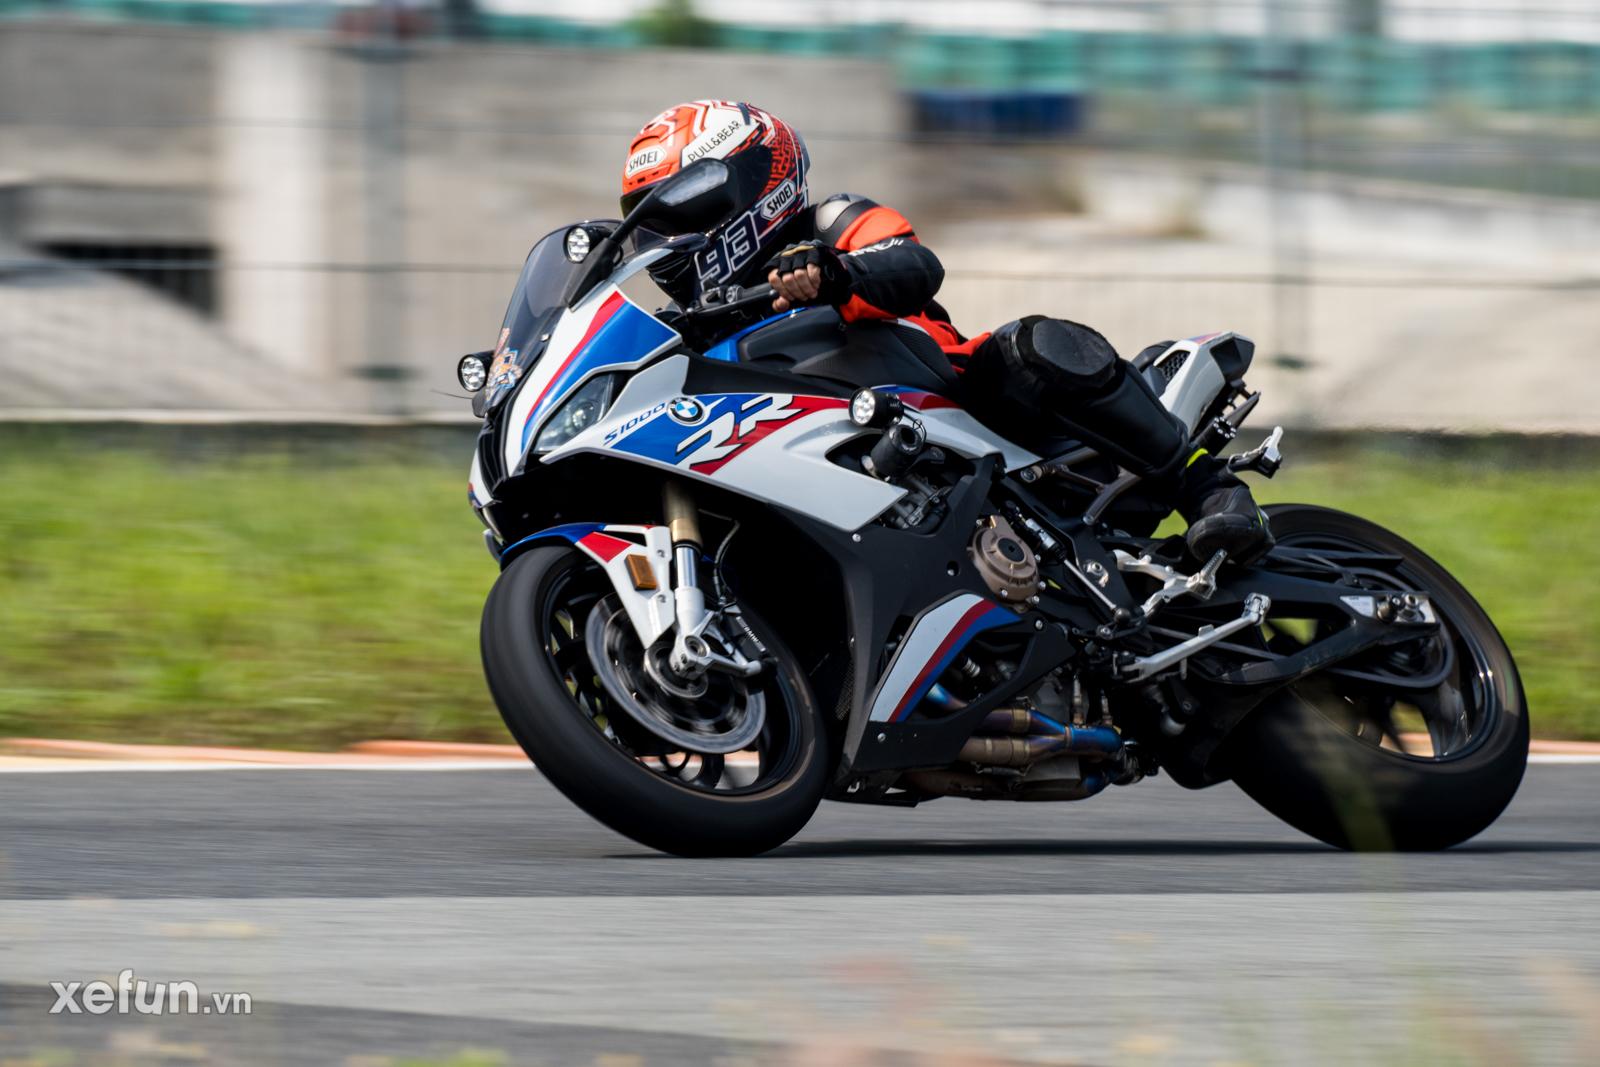 Các tay đua nài xe phân khối lớn PKL BMW S1000RR Ducati Monster Kawasaki Ninja ZX10R tại Trường đua Đại Nam trên Xefun (1)ưtet